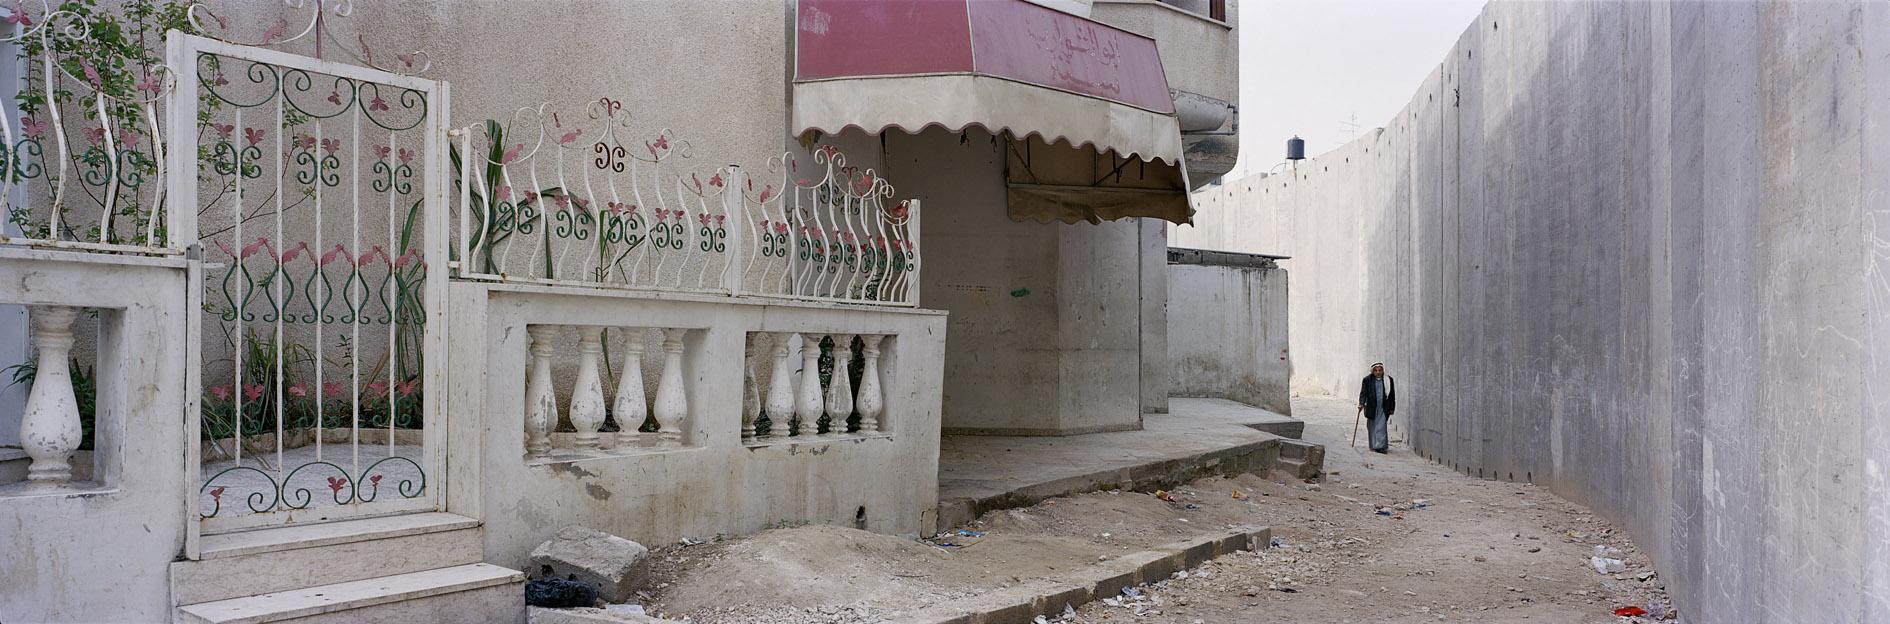 Kai Wiedenhöfer, palestino em Nazlat Isa, junto ao muro construído em 2004 pelo governo israelense e que seccionou a cidade, separando muitas famílias. Palestina, 2004.